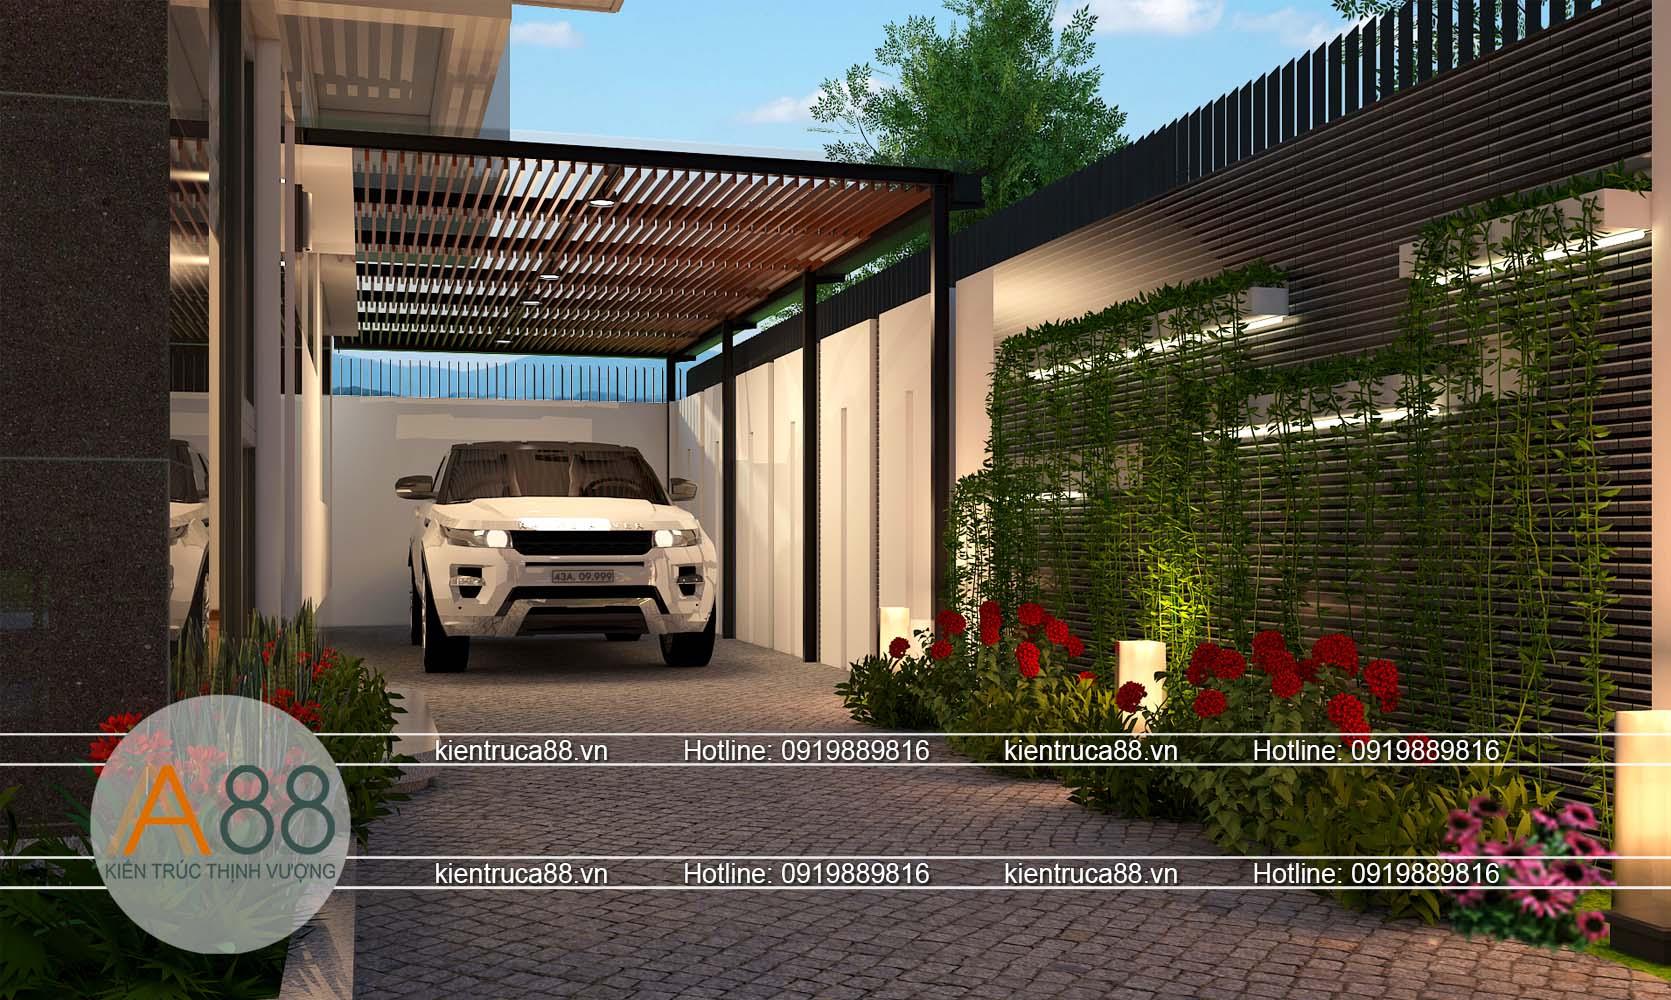 Thiết kế biệt thự có garo ô tô bên ngoài